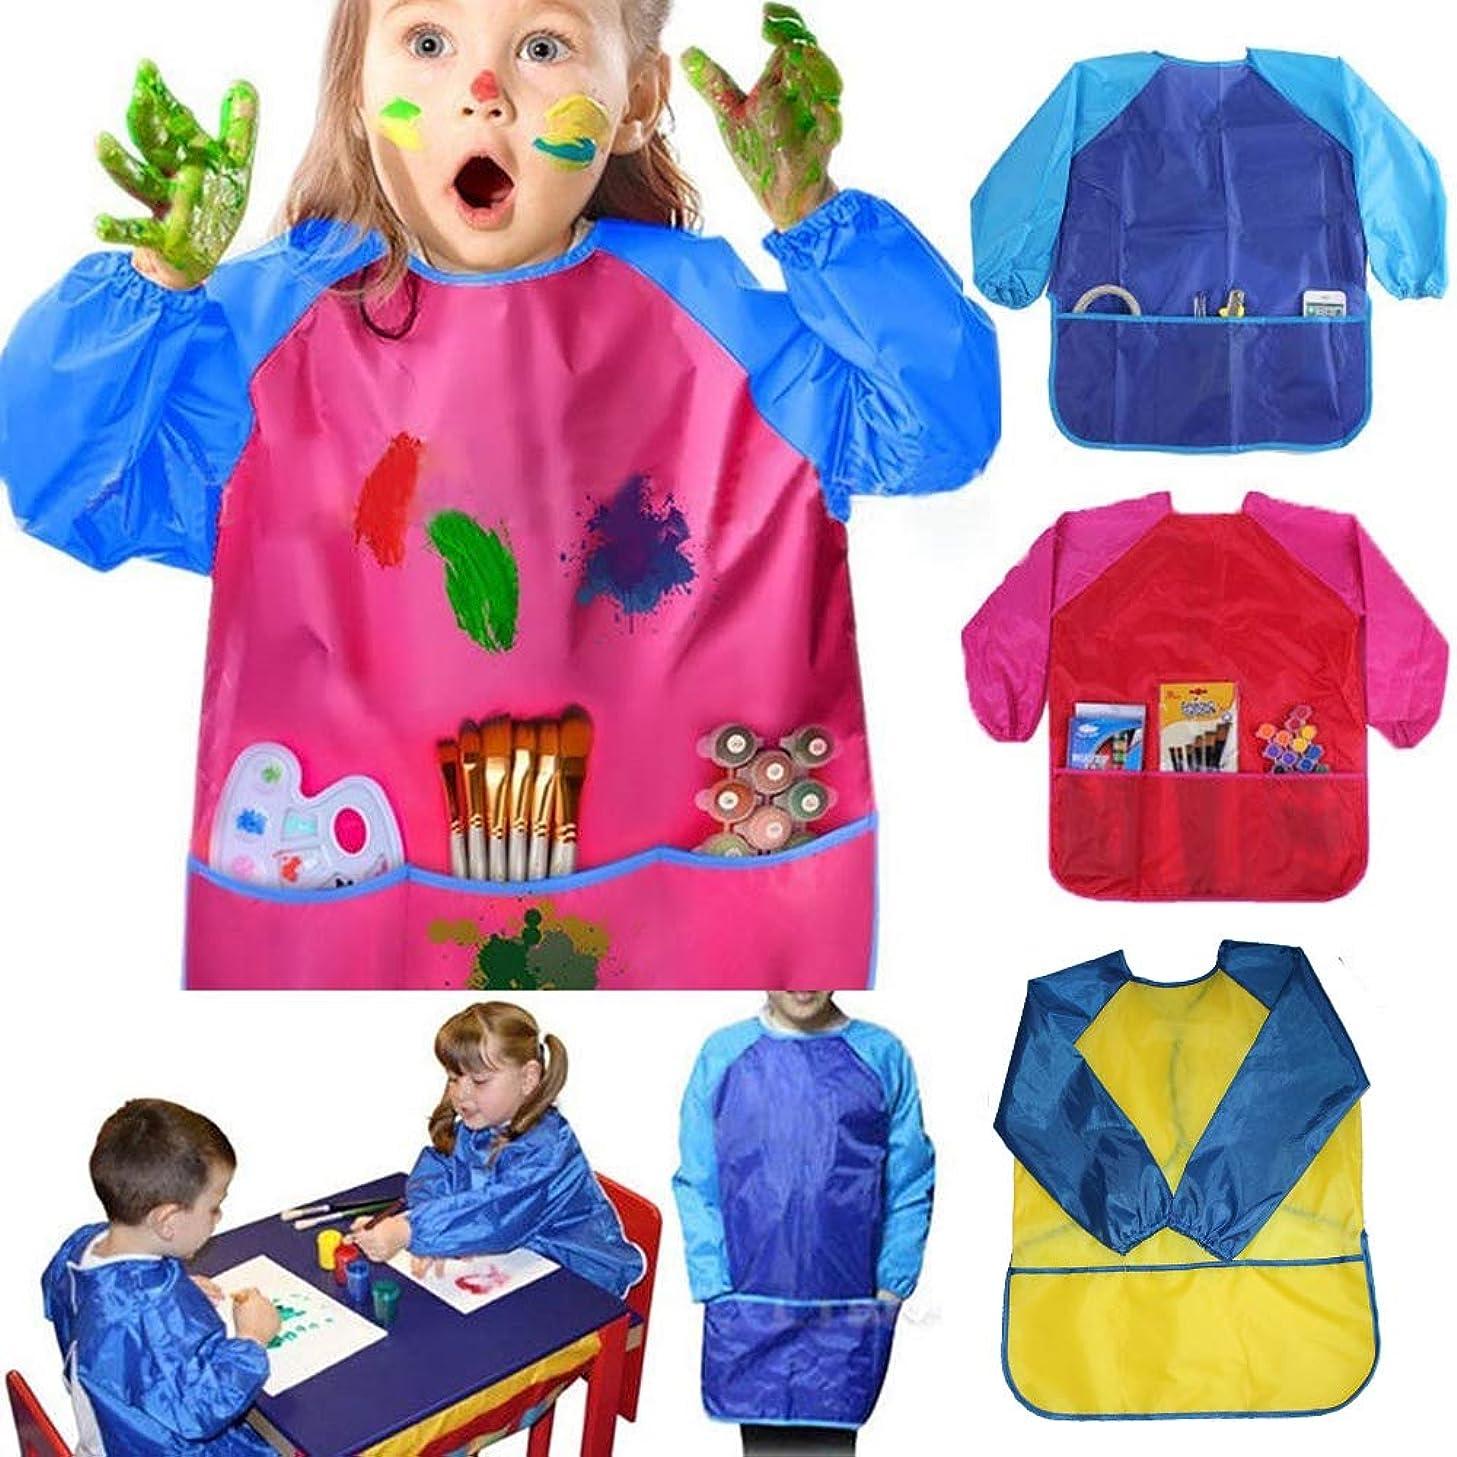 素朴な相対的対応子供防水長袖絵画調理エプロン幼稚園スモック学習教育用品 (赤とピンク)